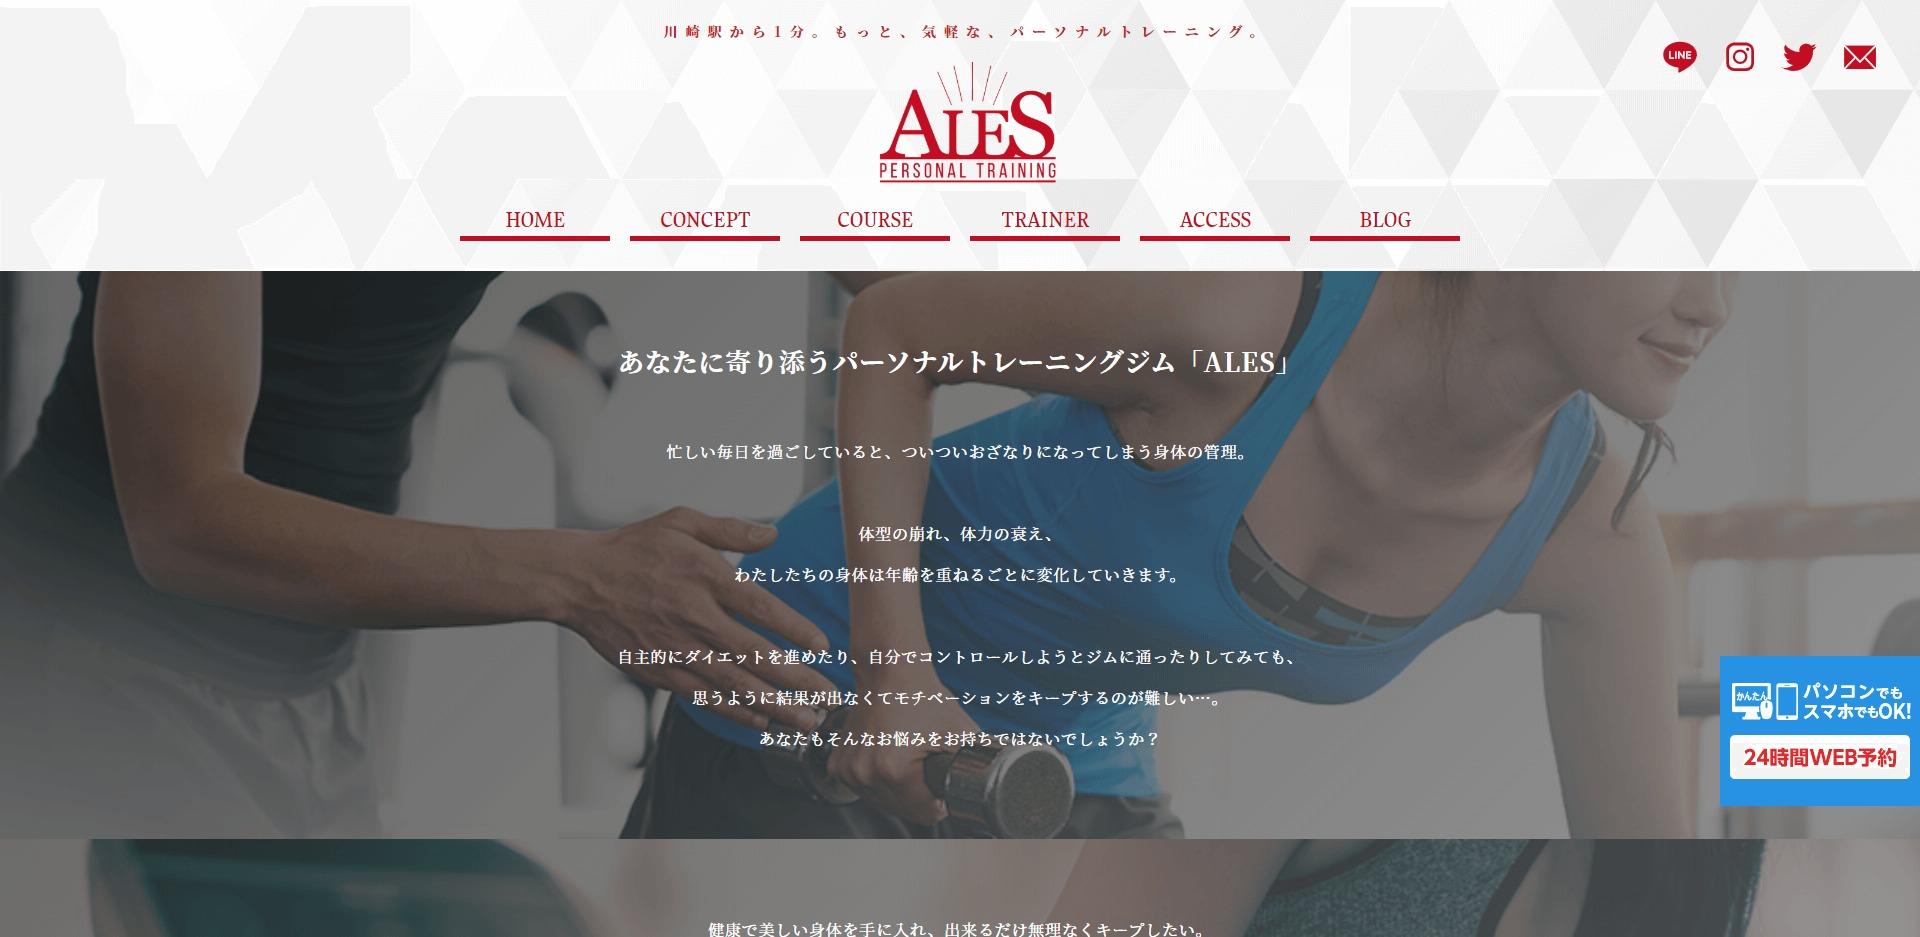 川崎エリアでおすすめのパーソナルトレーニングジム「ALES(アレス)」